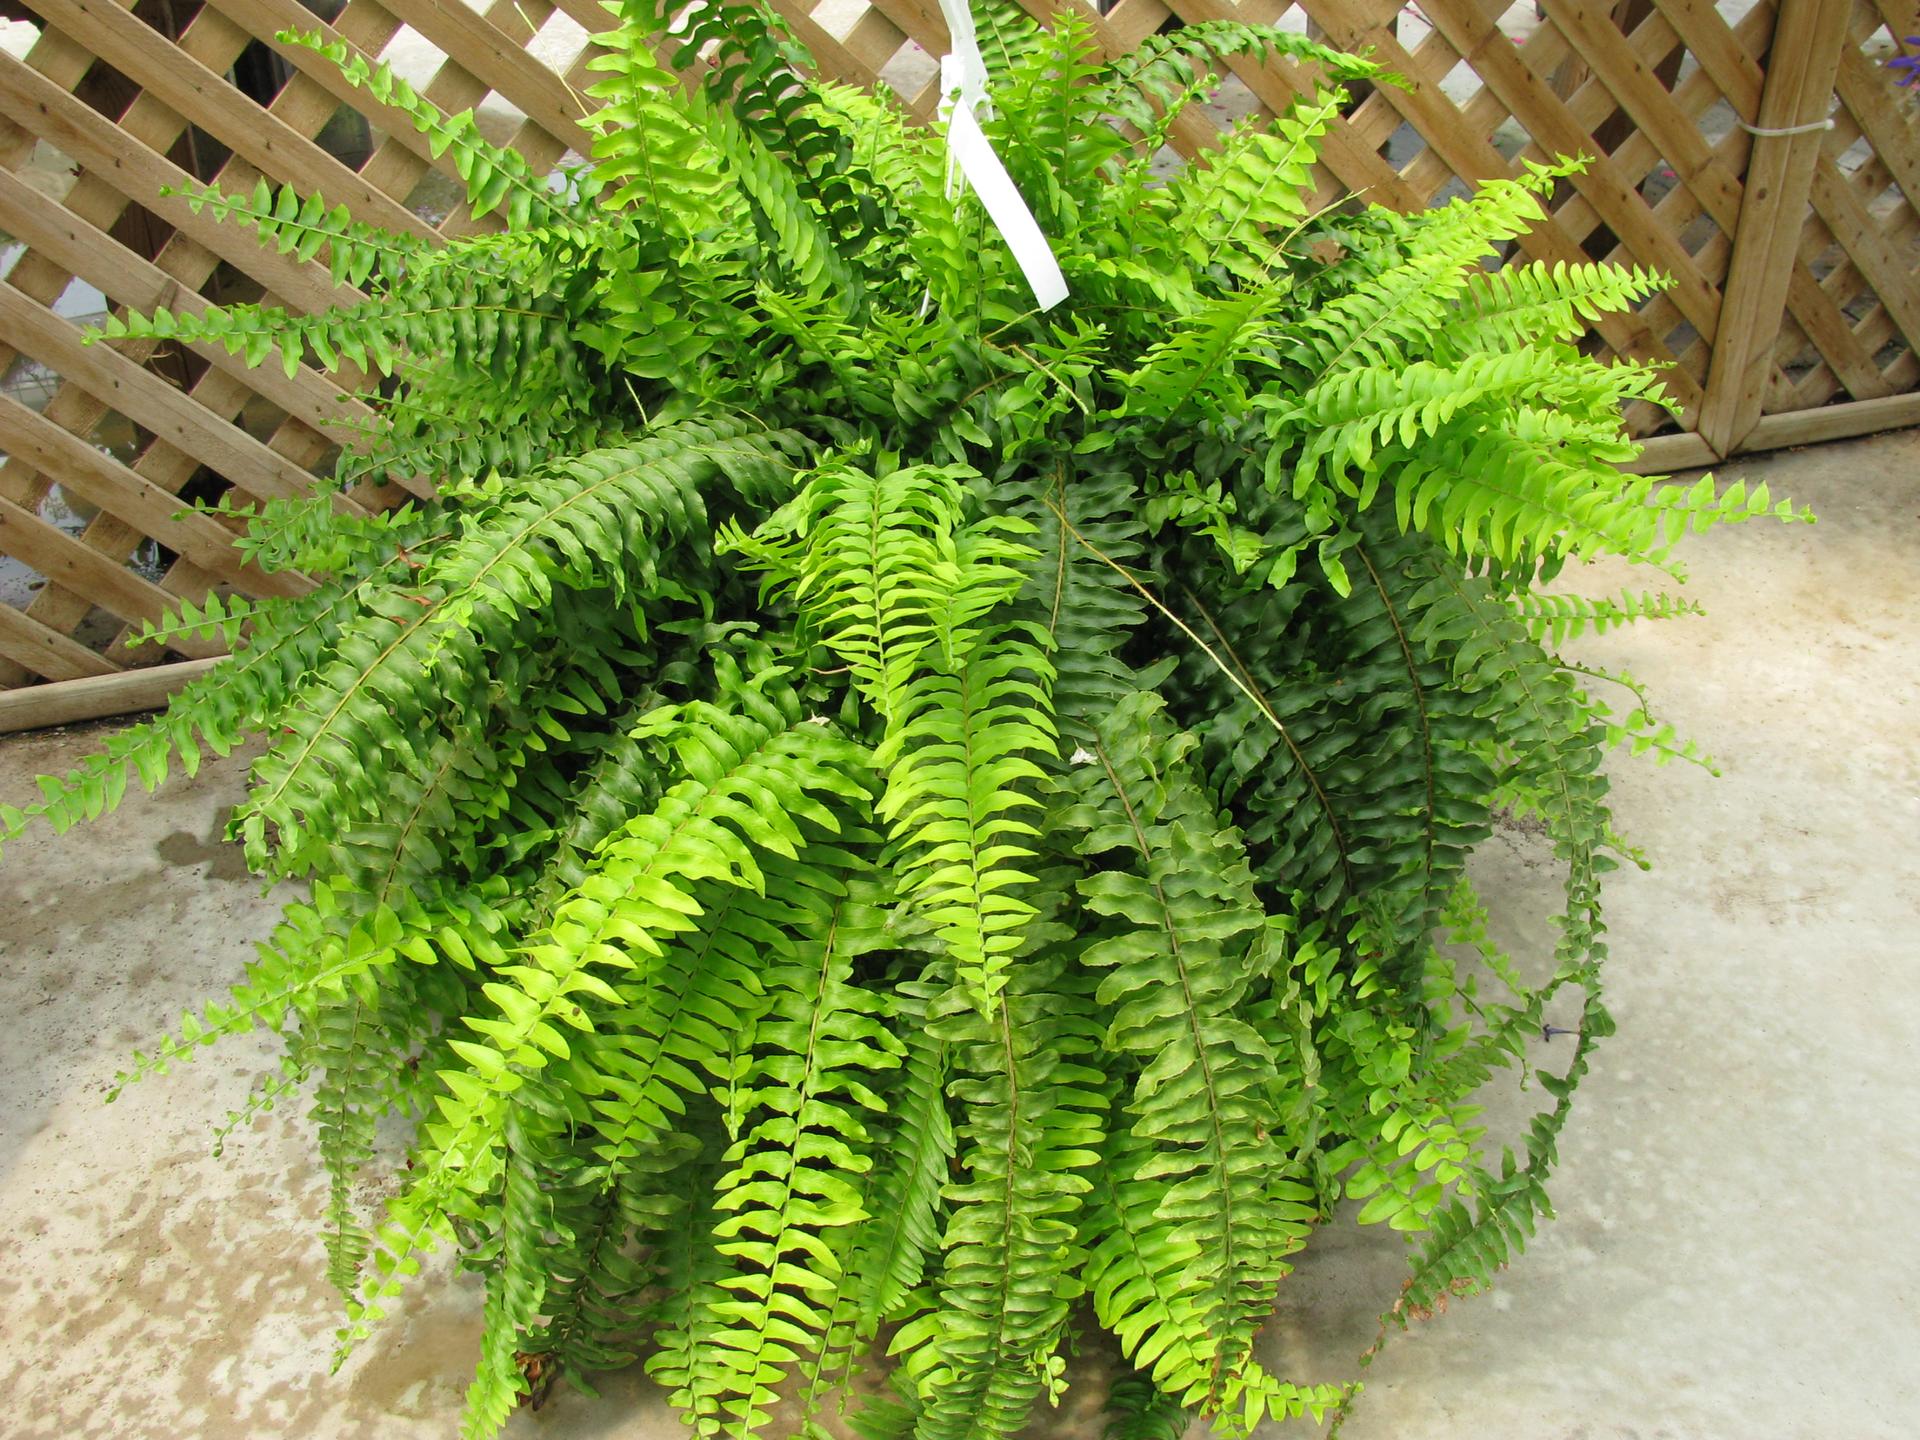 Fotografia prezentuje paproć zpióropuszowatymi zielonymi liśćmi.